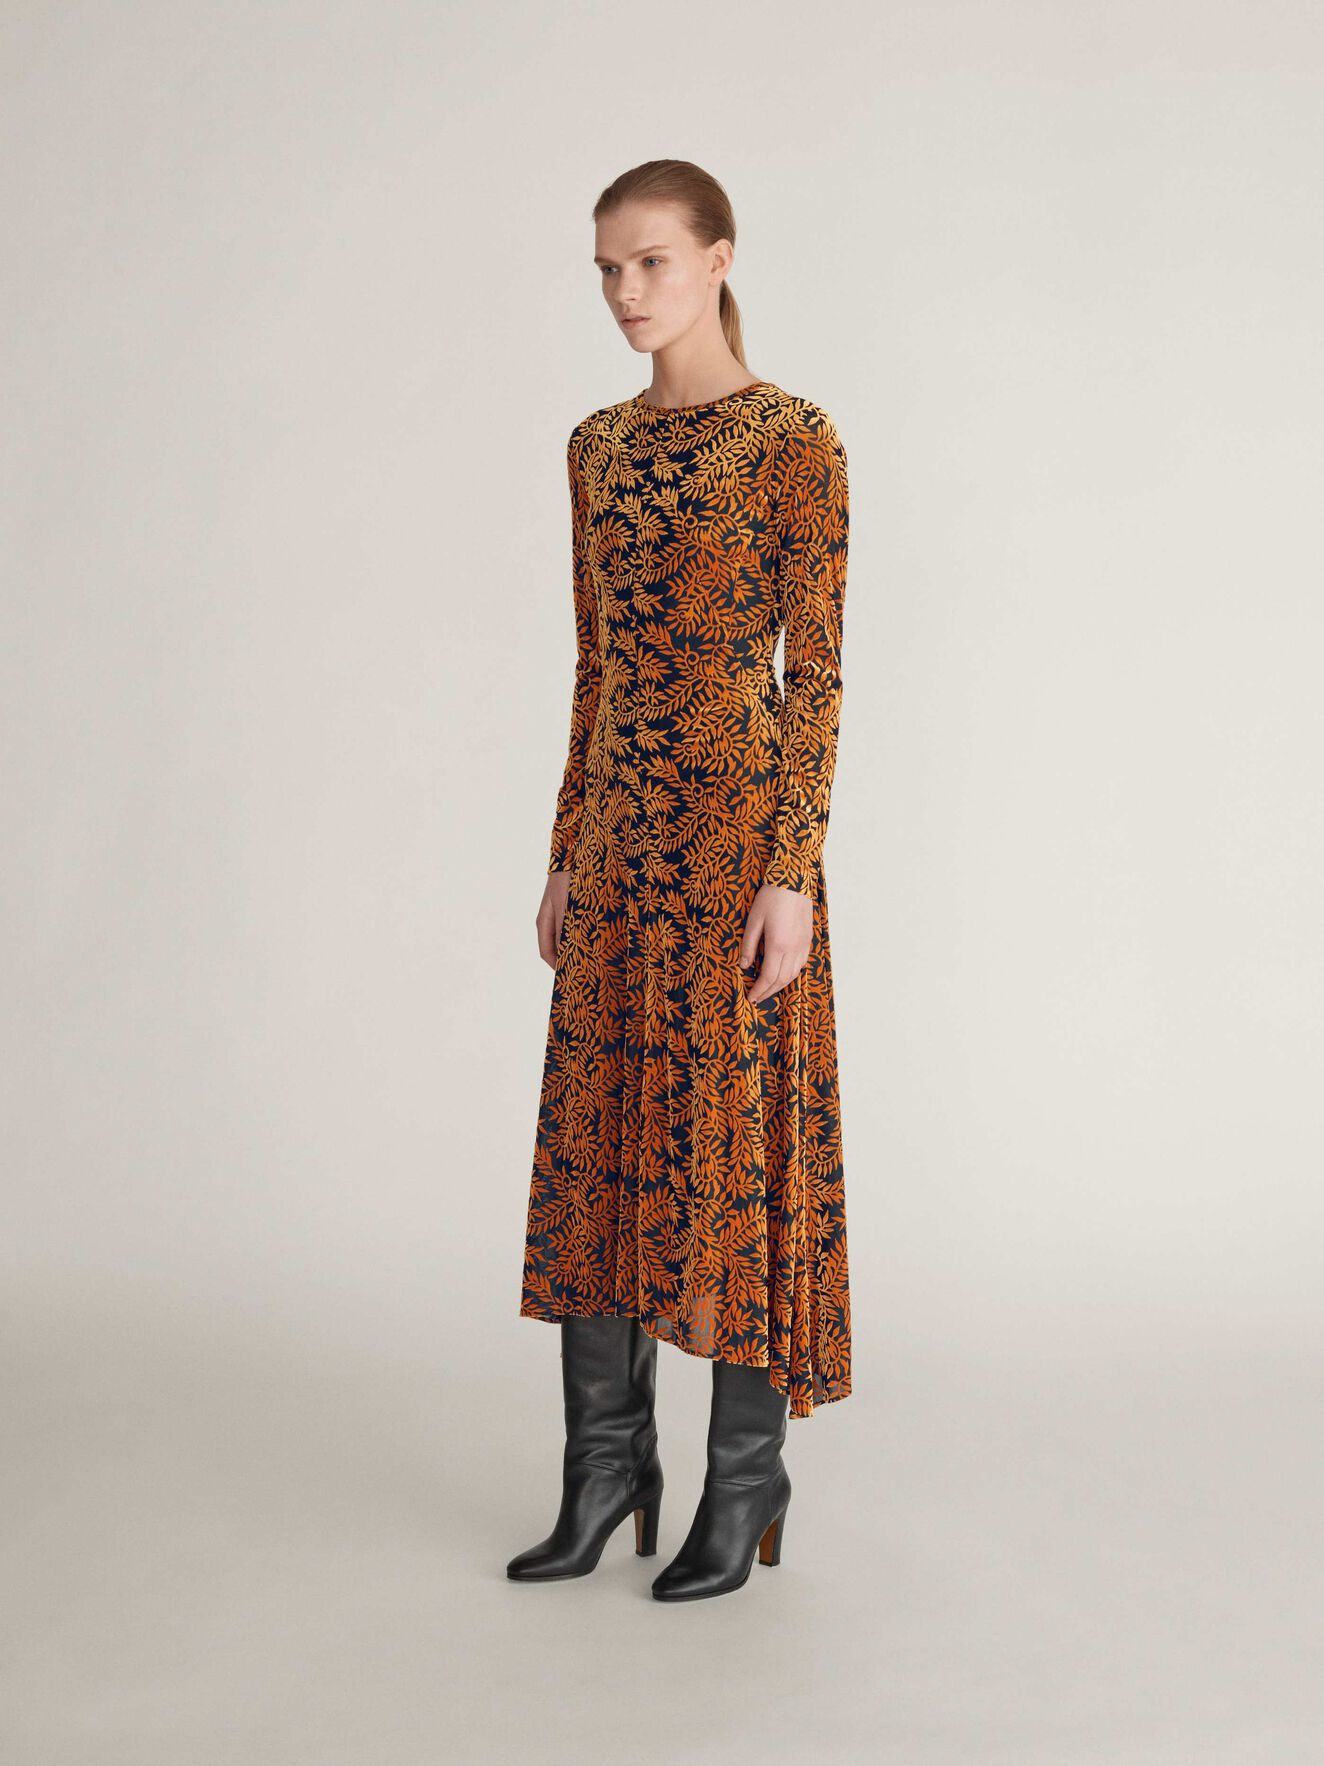 Kleider - Kleider für den Alltag und Partykleider online bei Tiger ...